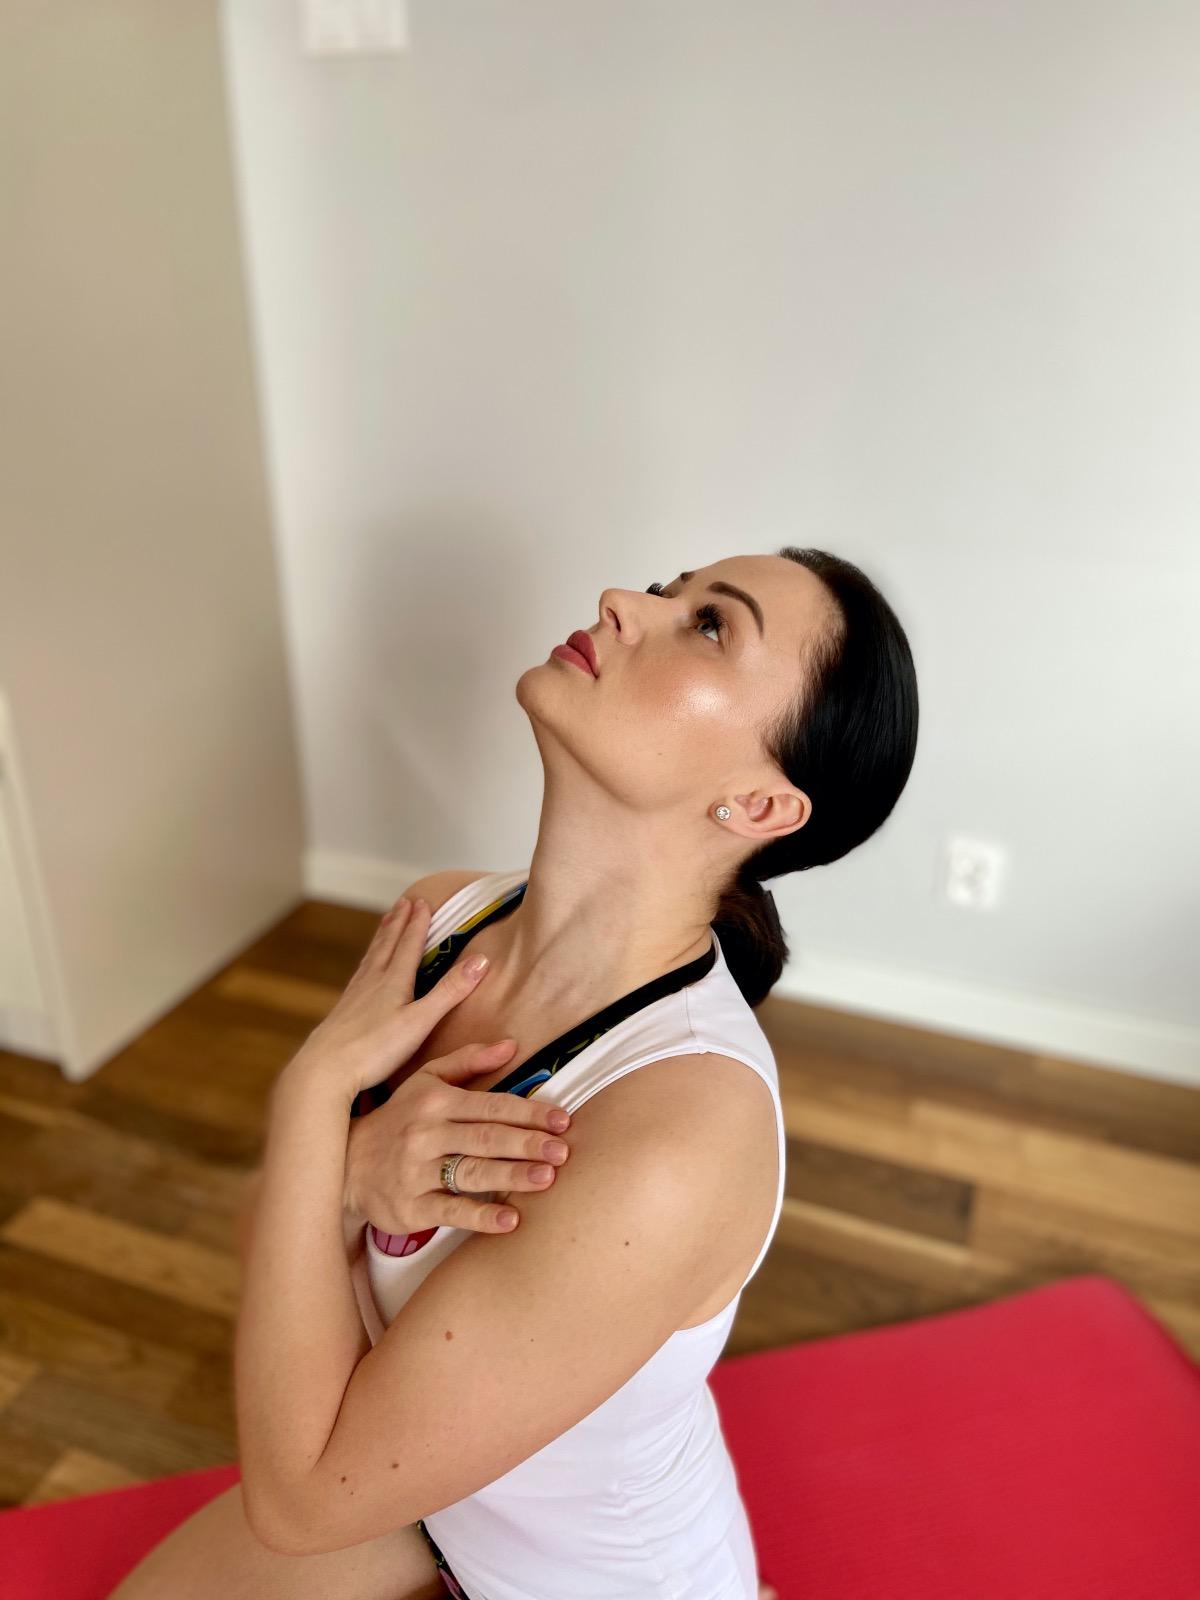 BlogStar: Ćwiczenia, które mogą Ci zaszkodzić - ostrzega Justyna Bolek - BlogStar.pl